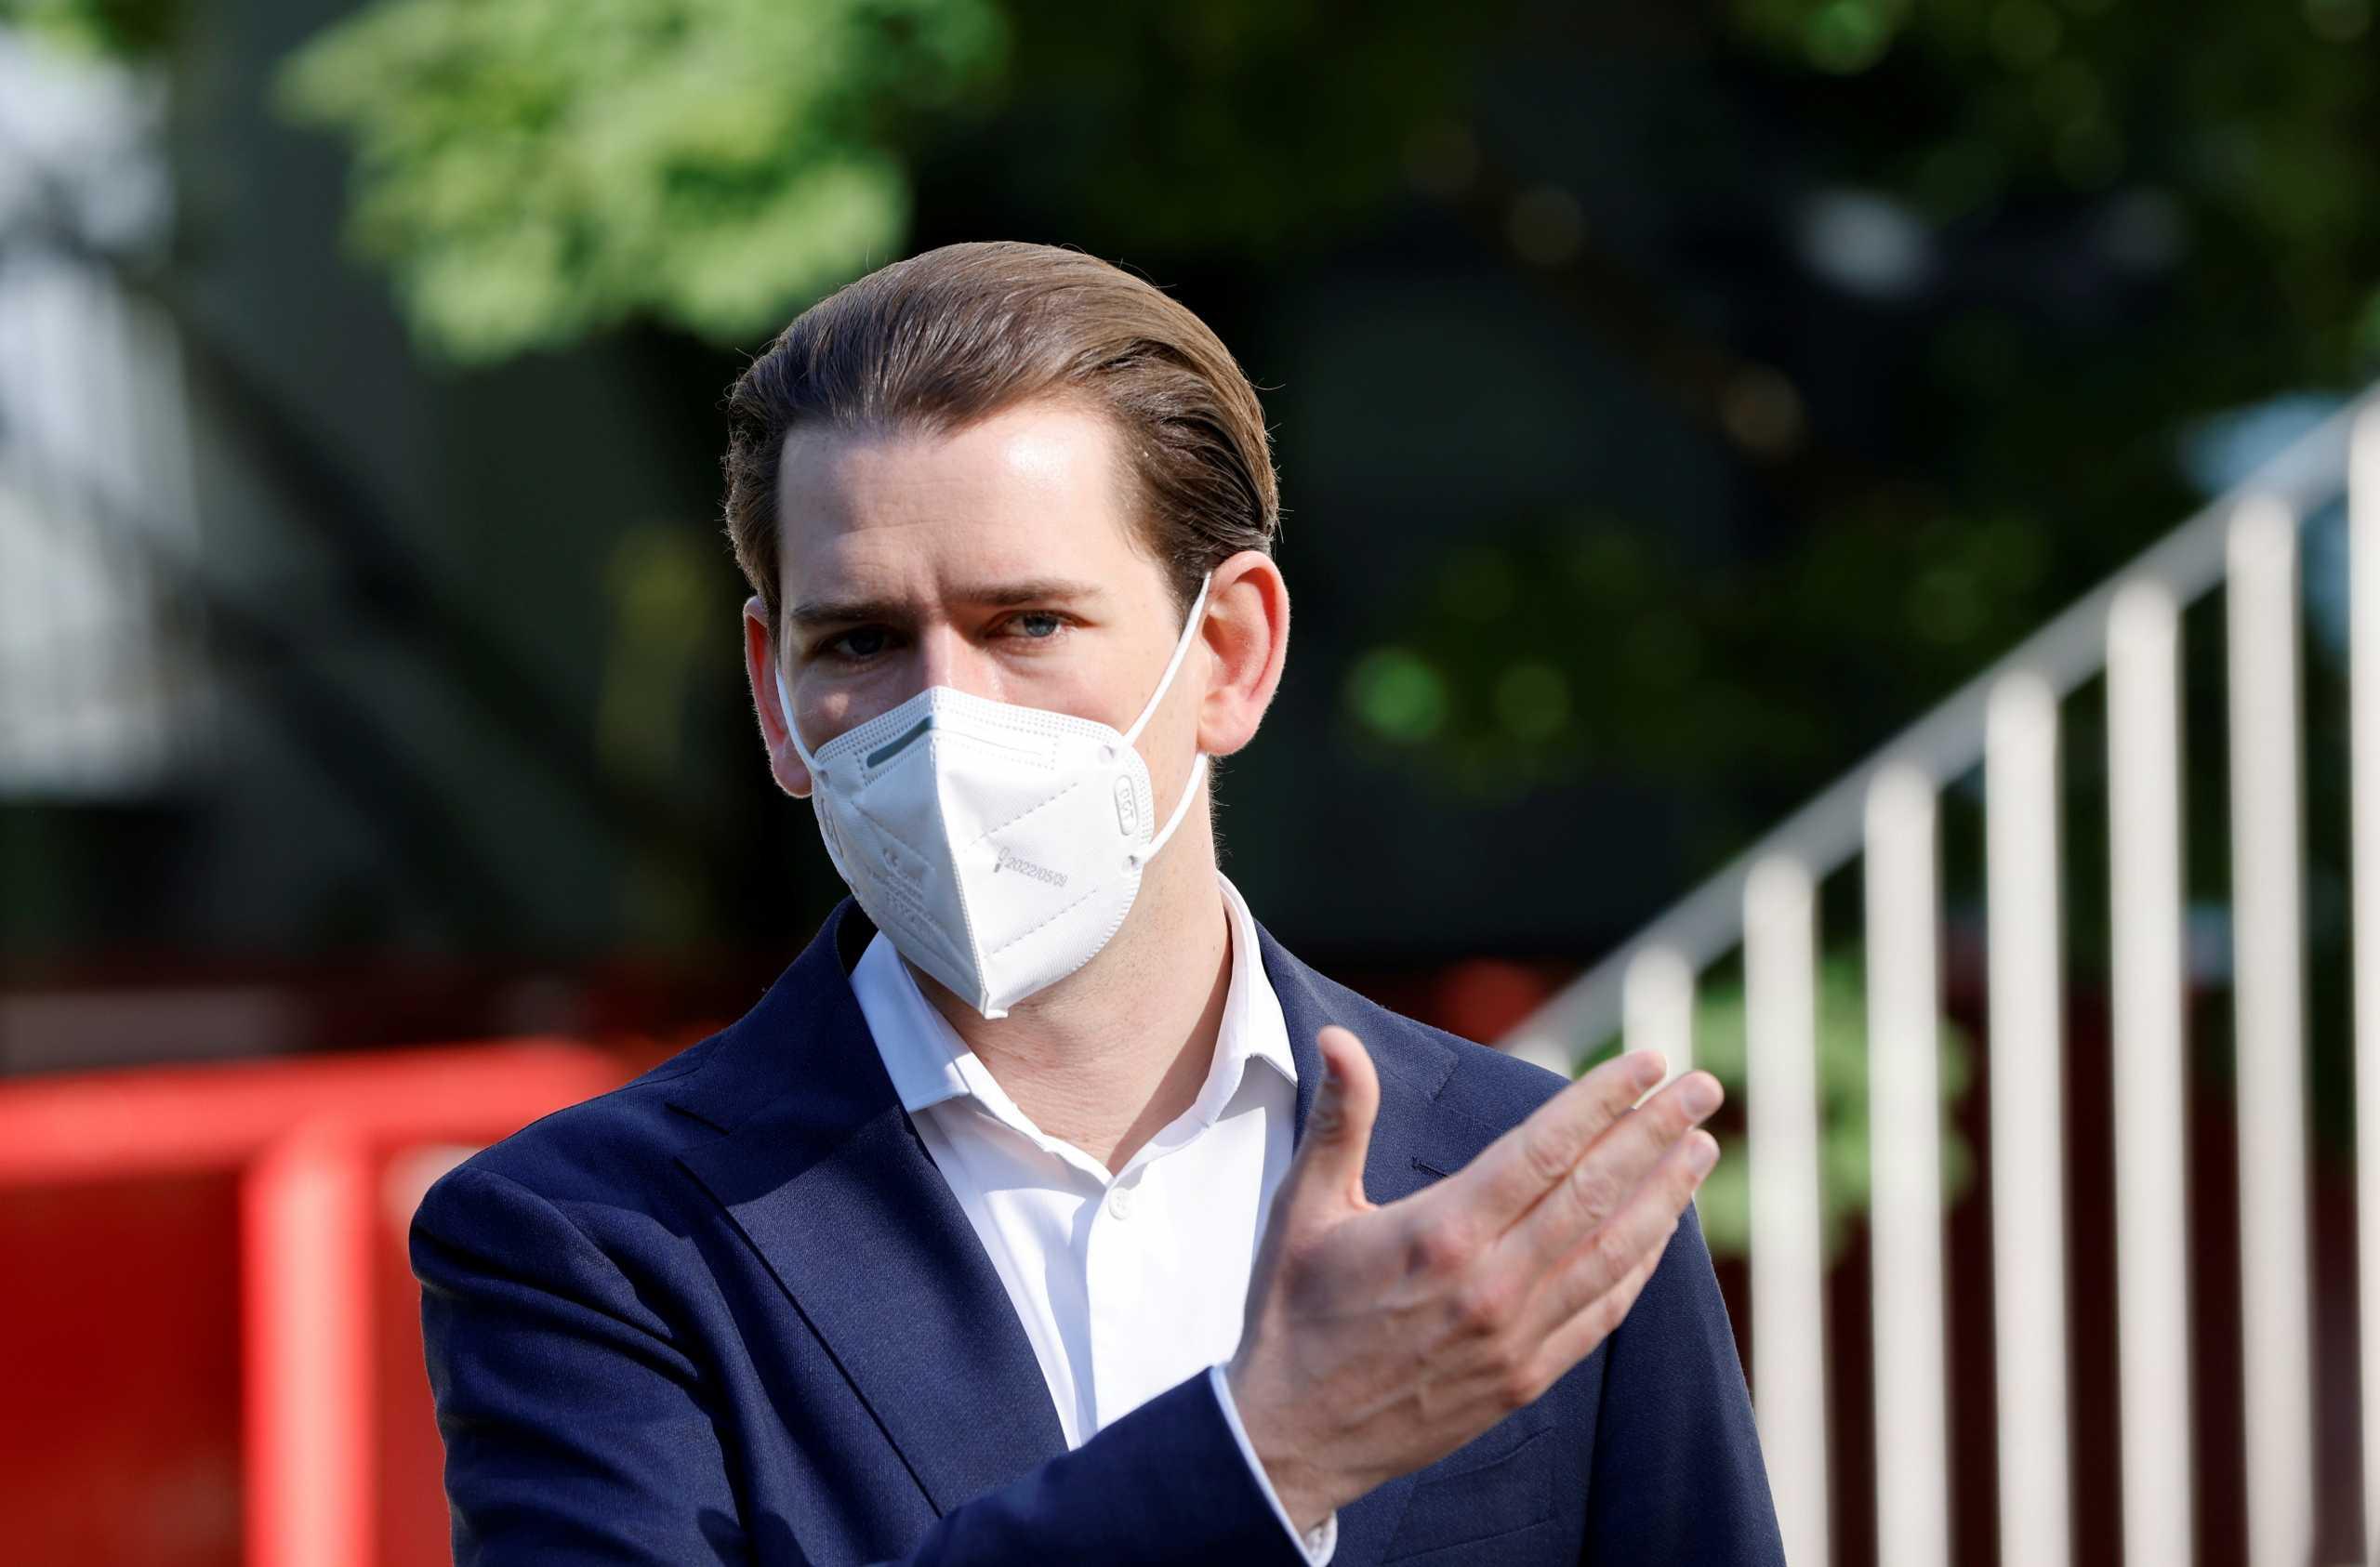 Αυστρία: Εμβολιάστηκε κατά του κορονοϊού ο Σεμπάστιαν Κουρτς – «Τσιμπήθηκε» με AstraZeneca